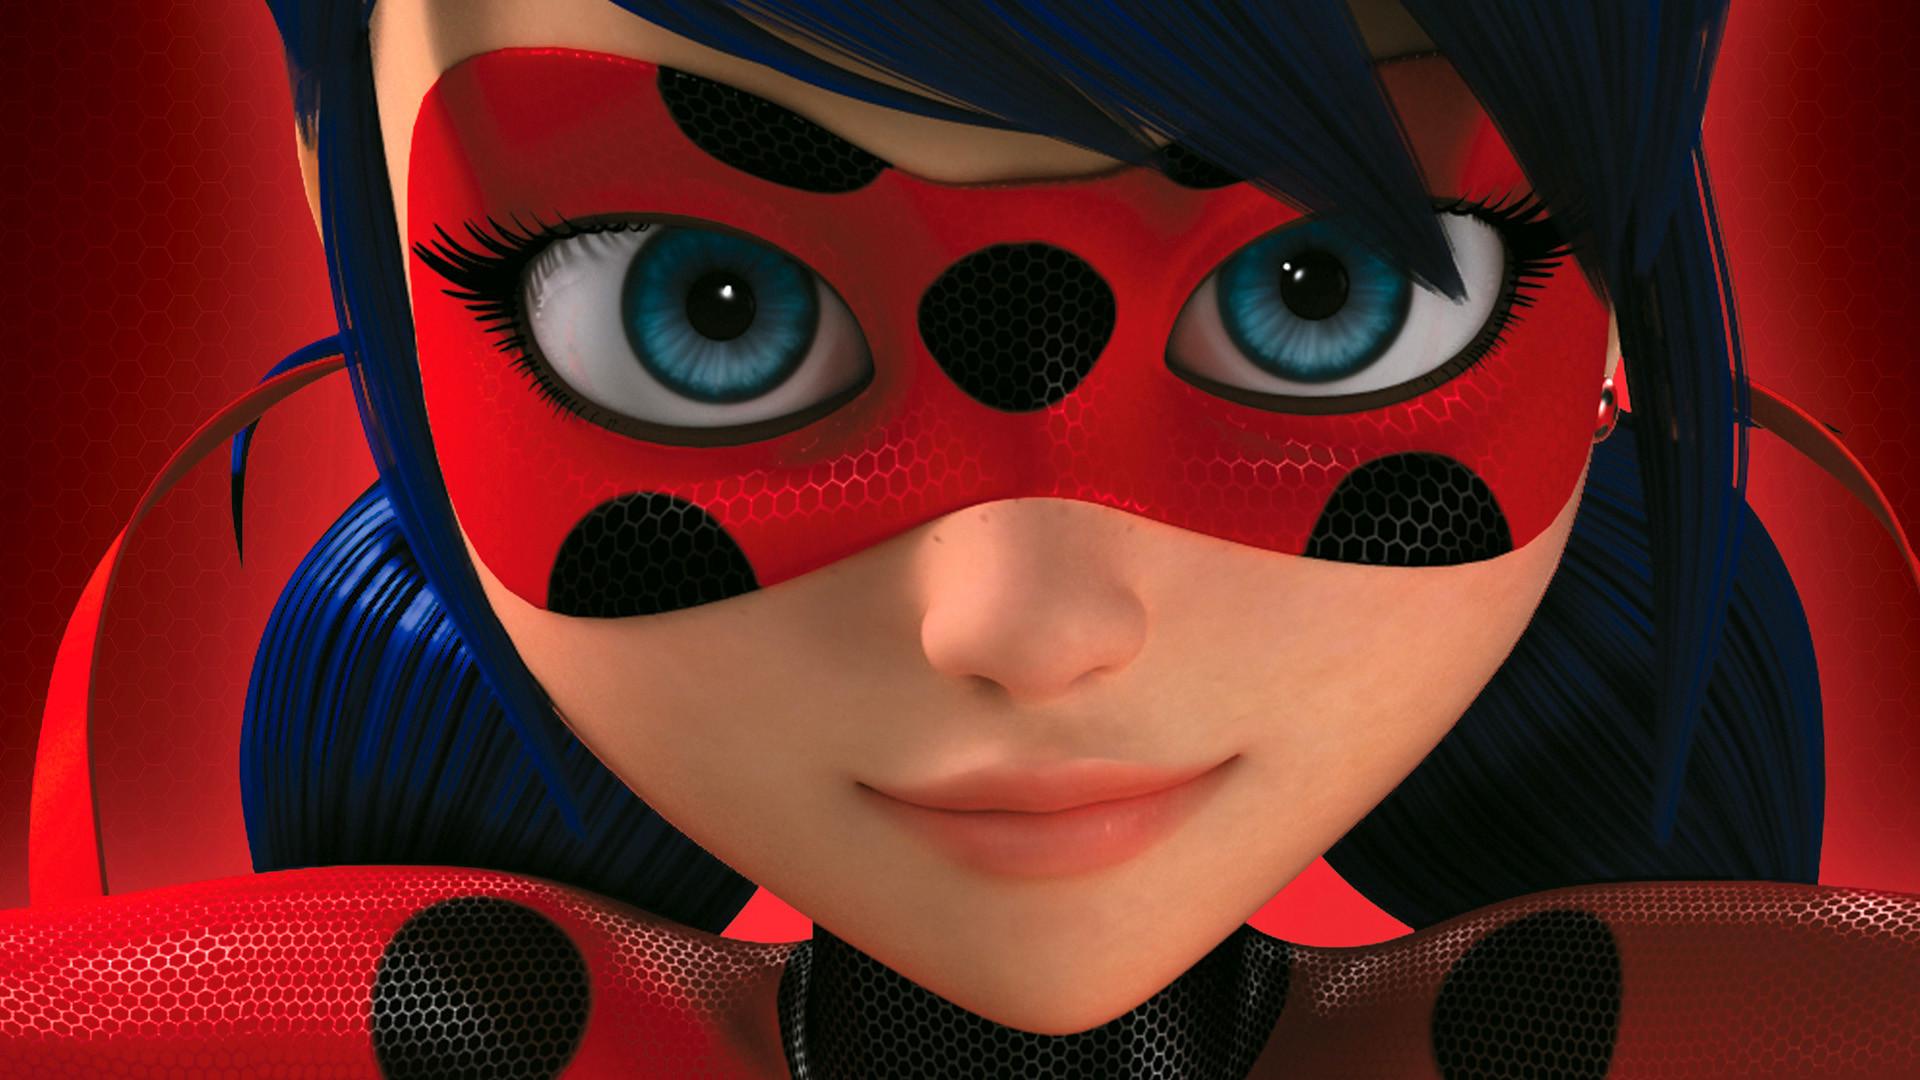 Miraculous Ladybug | TV fanart | fanart.tv